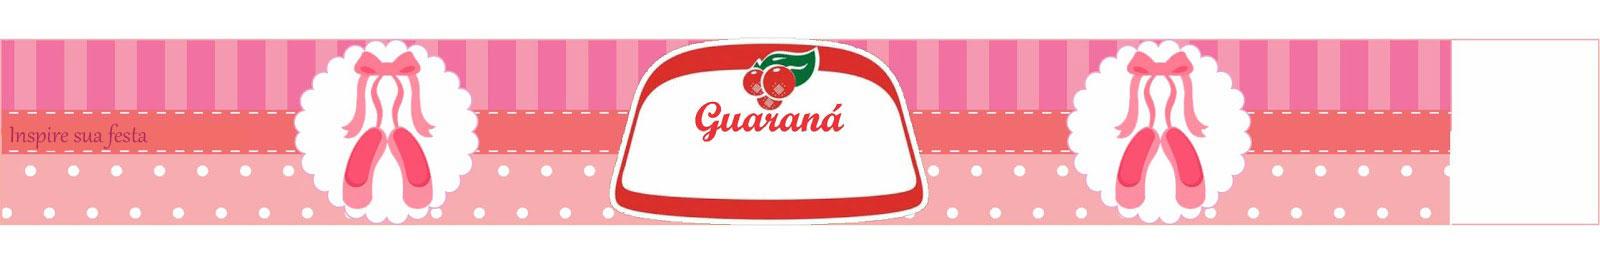 rotulo guarana bailarina gratuito 5